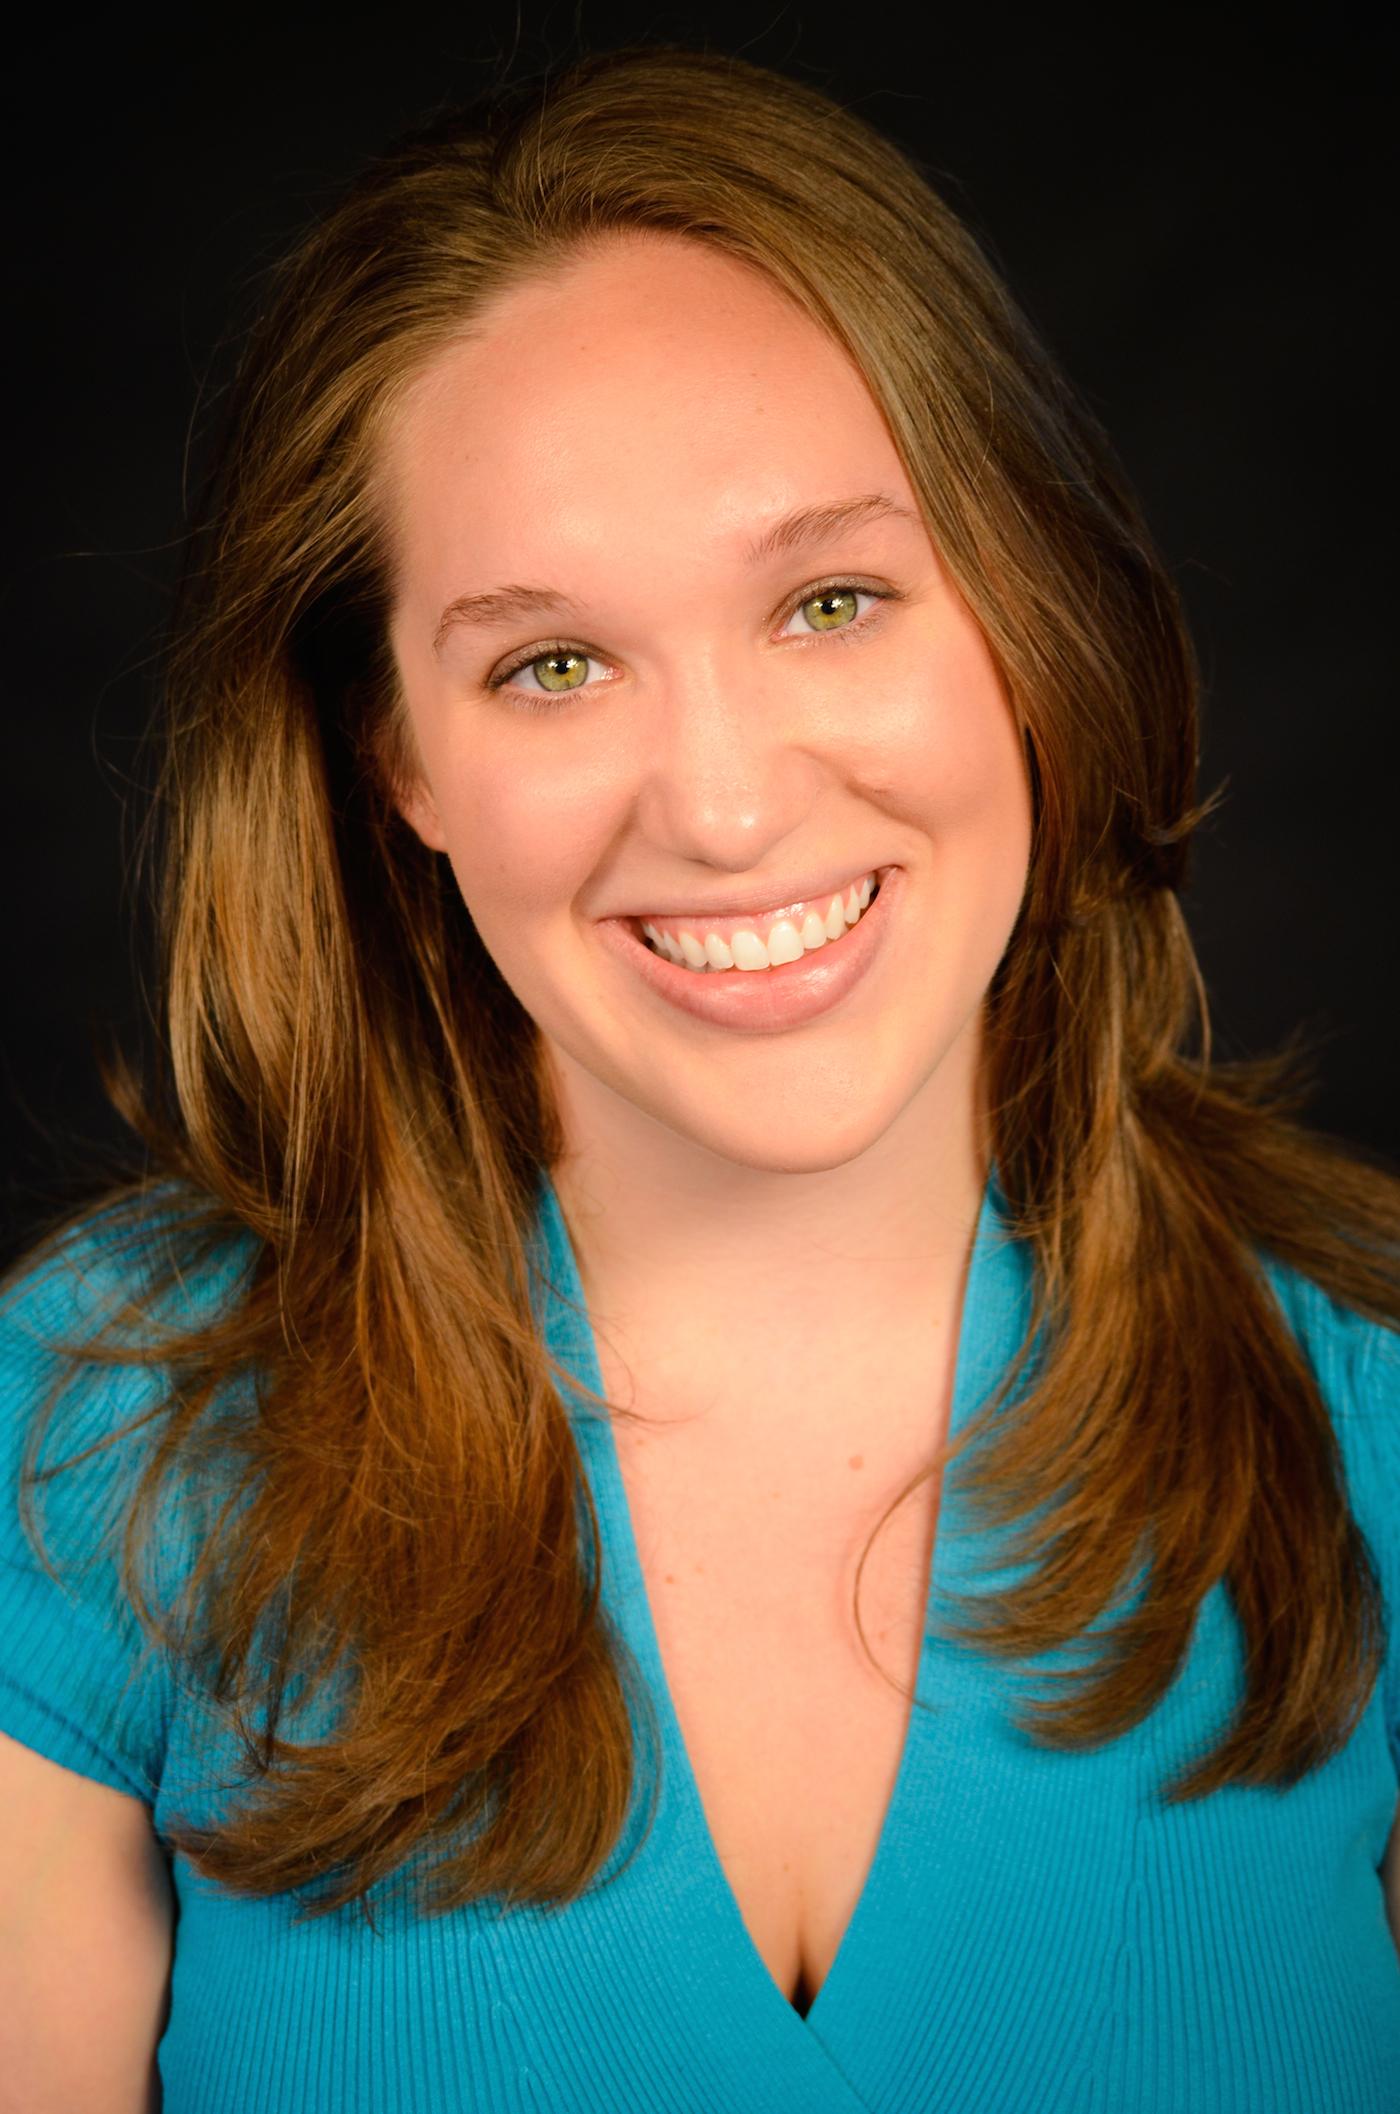 Jaclyn Kottman